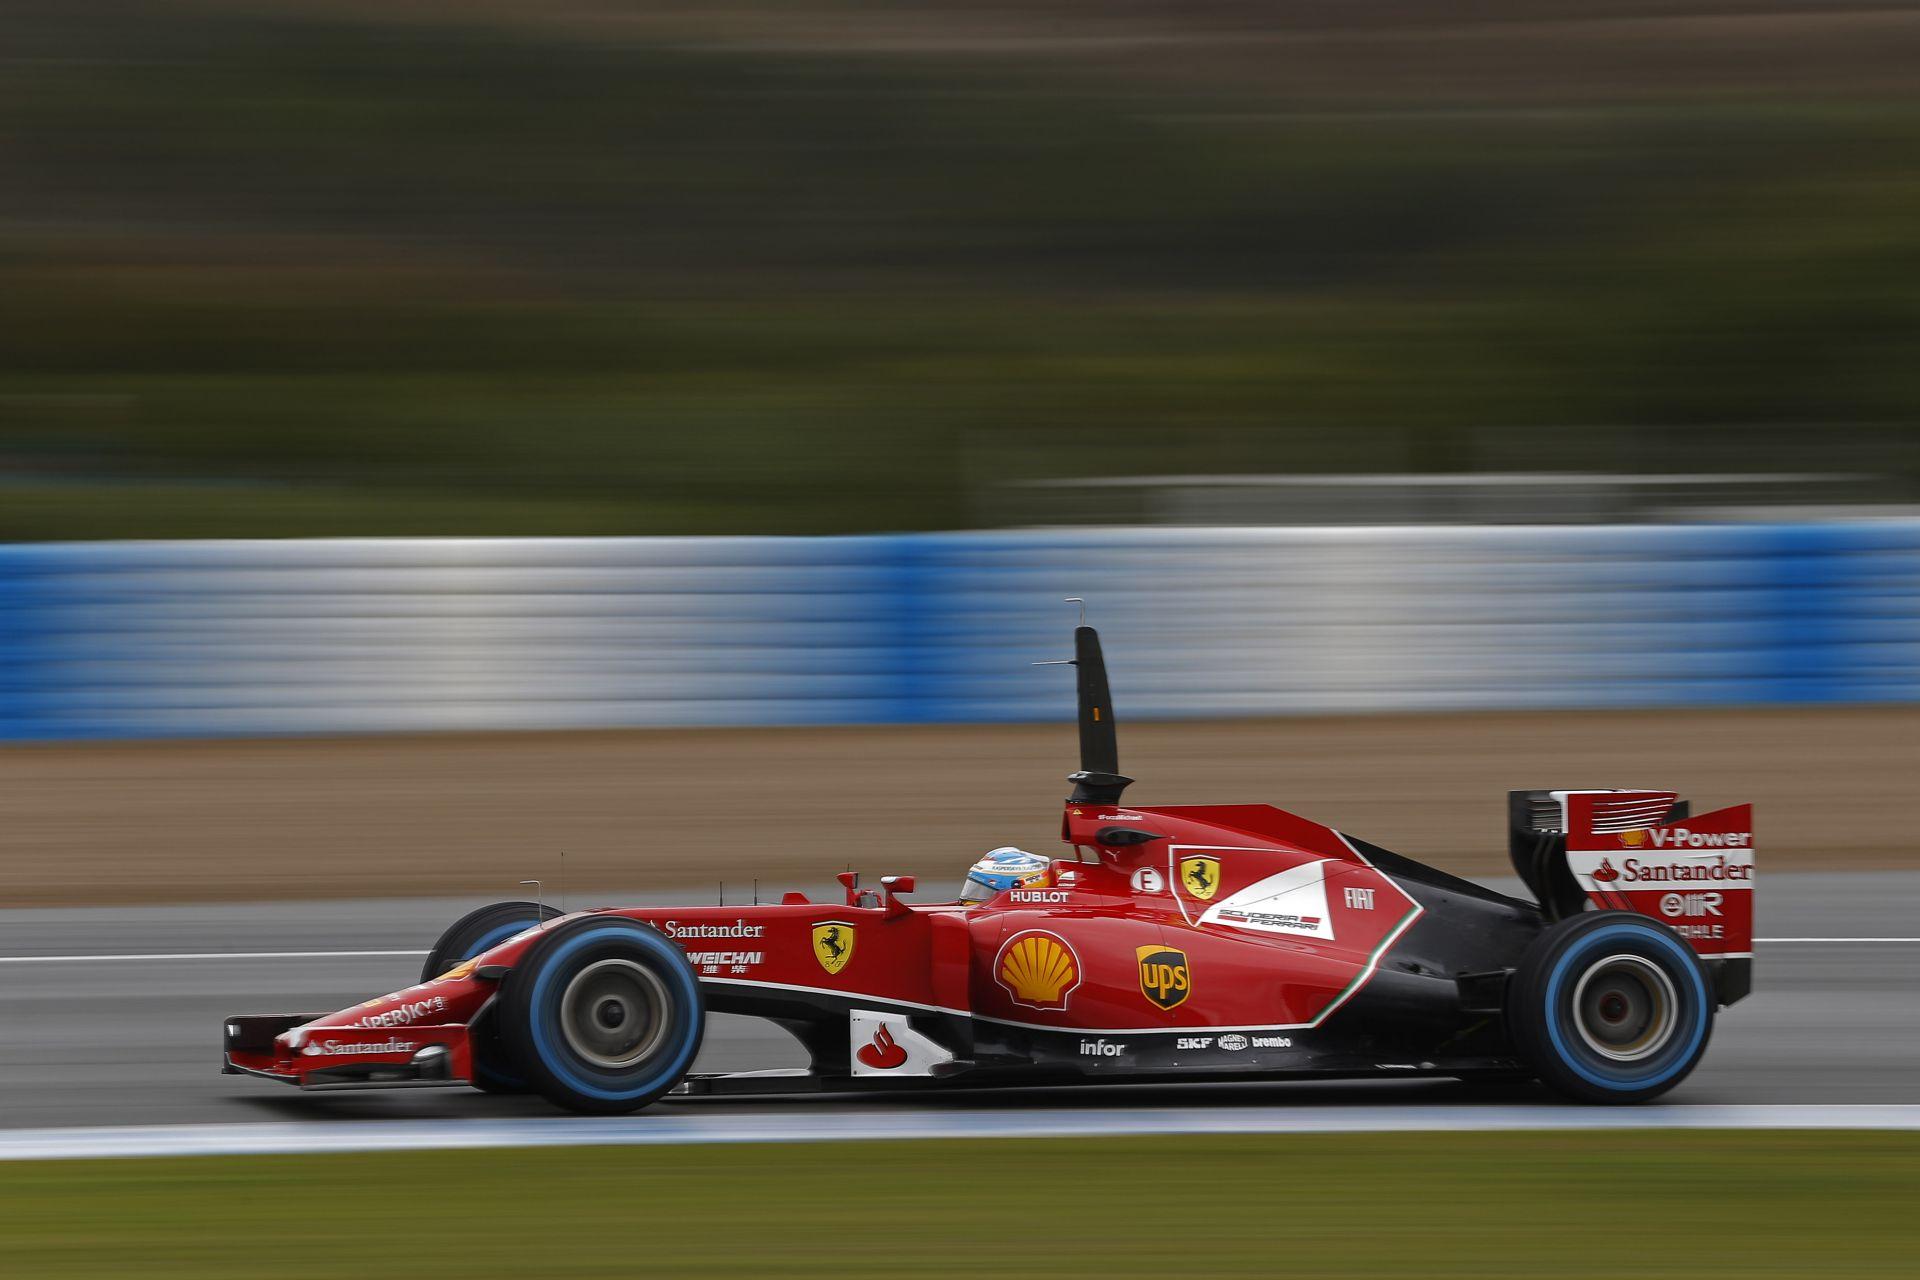 F1 2015: Február 1-jén Spanyolországban gurulhat pályára először a Forma-1 mezőnye